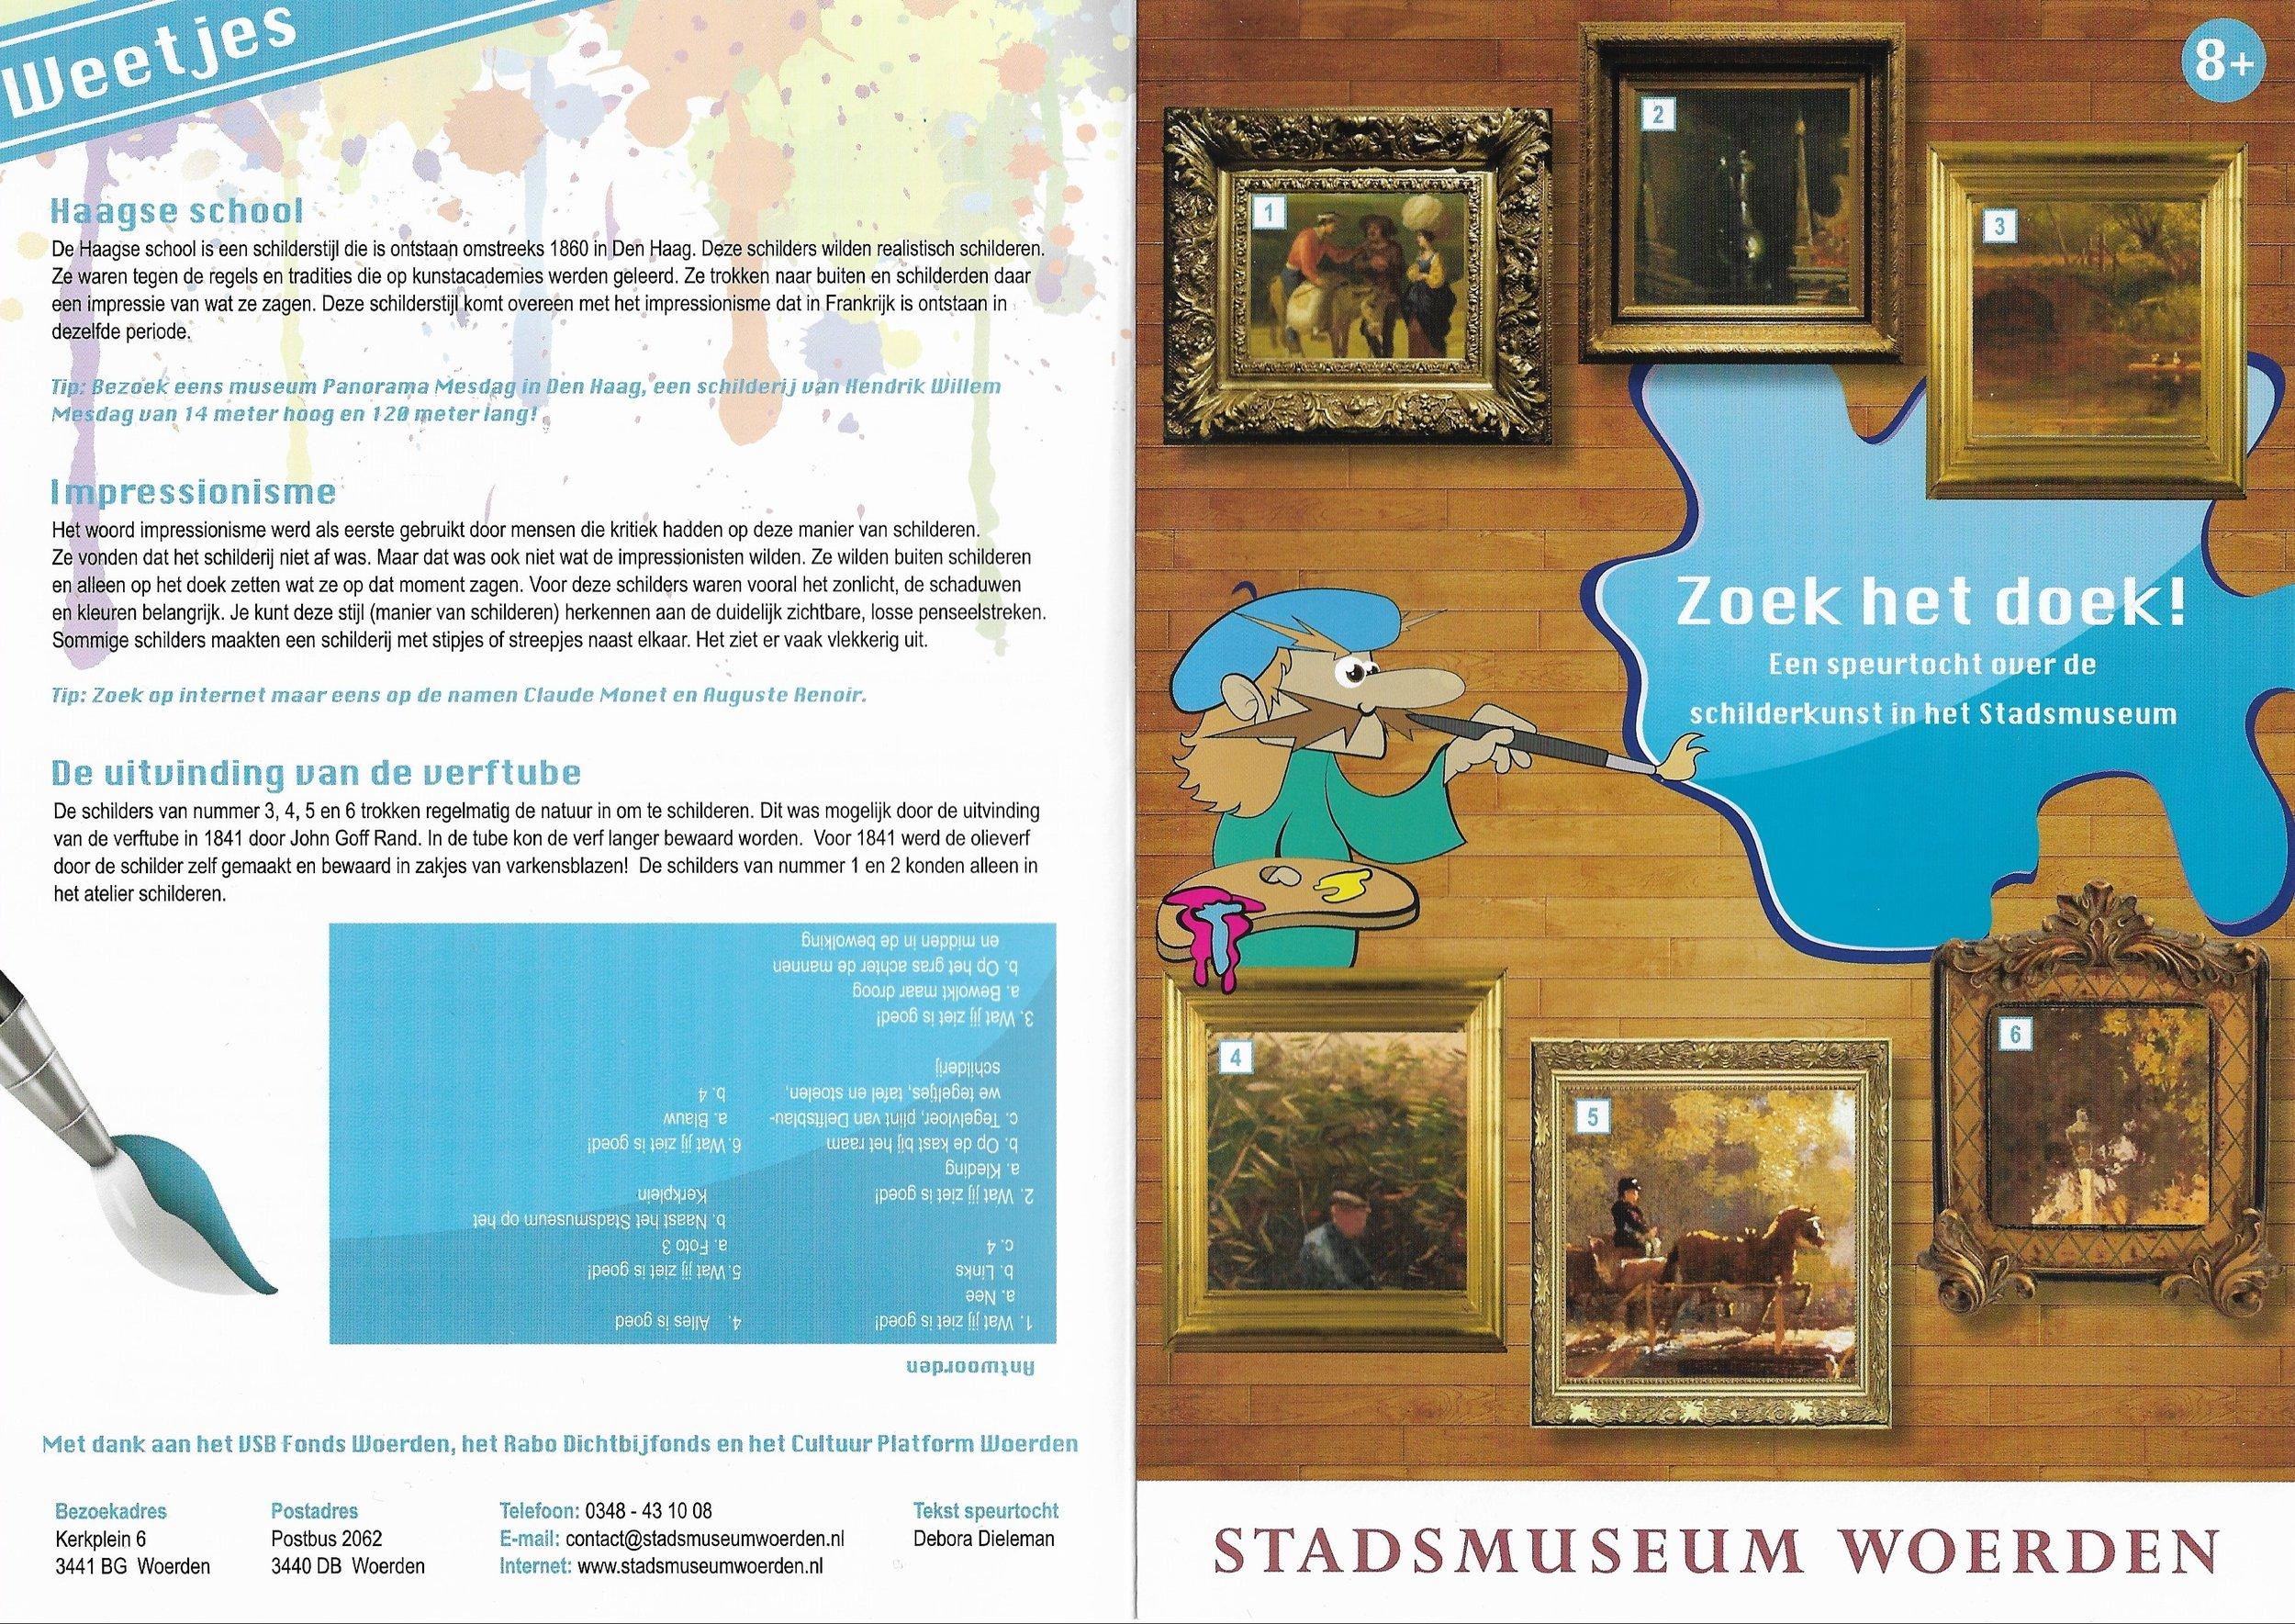 Speurtocht - Opdrachtgever: Stadsmuseum WoerdenOpdracht: Een speurtocht over de schilderkunstDoelgroep: gezinnen met kinderen in de leeftijd van 8 t/m 12 jaarVormgeving: Studio CampoJaar: 2013